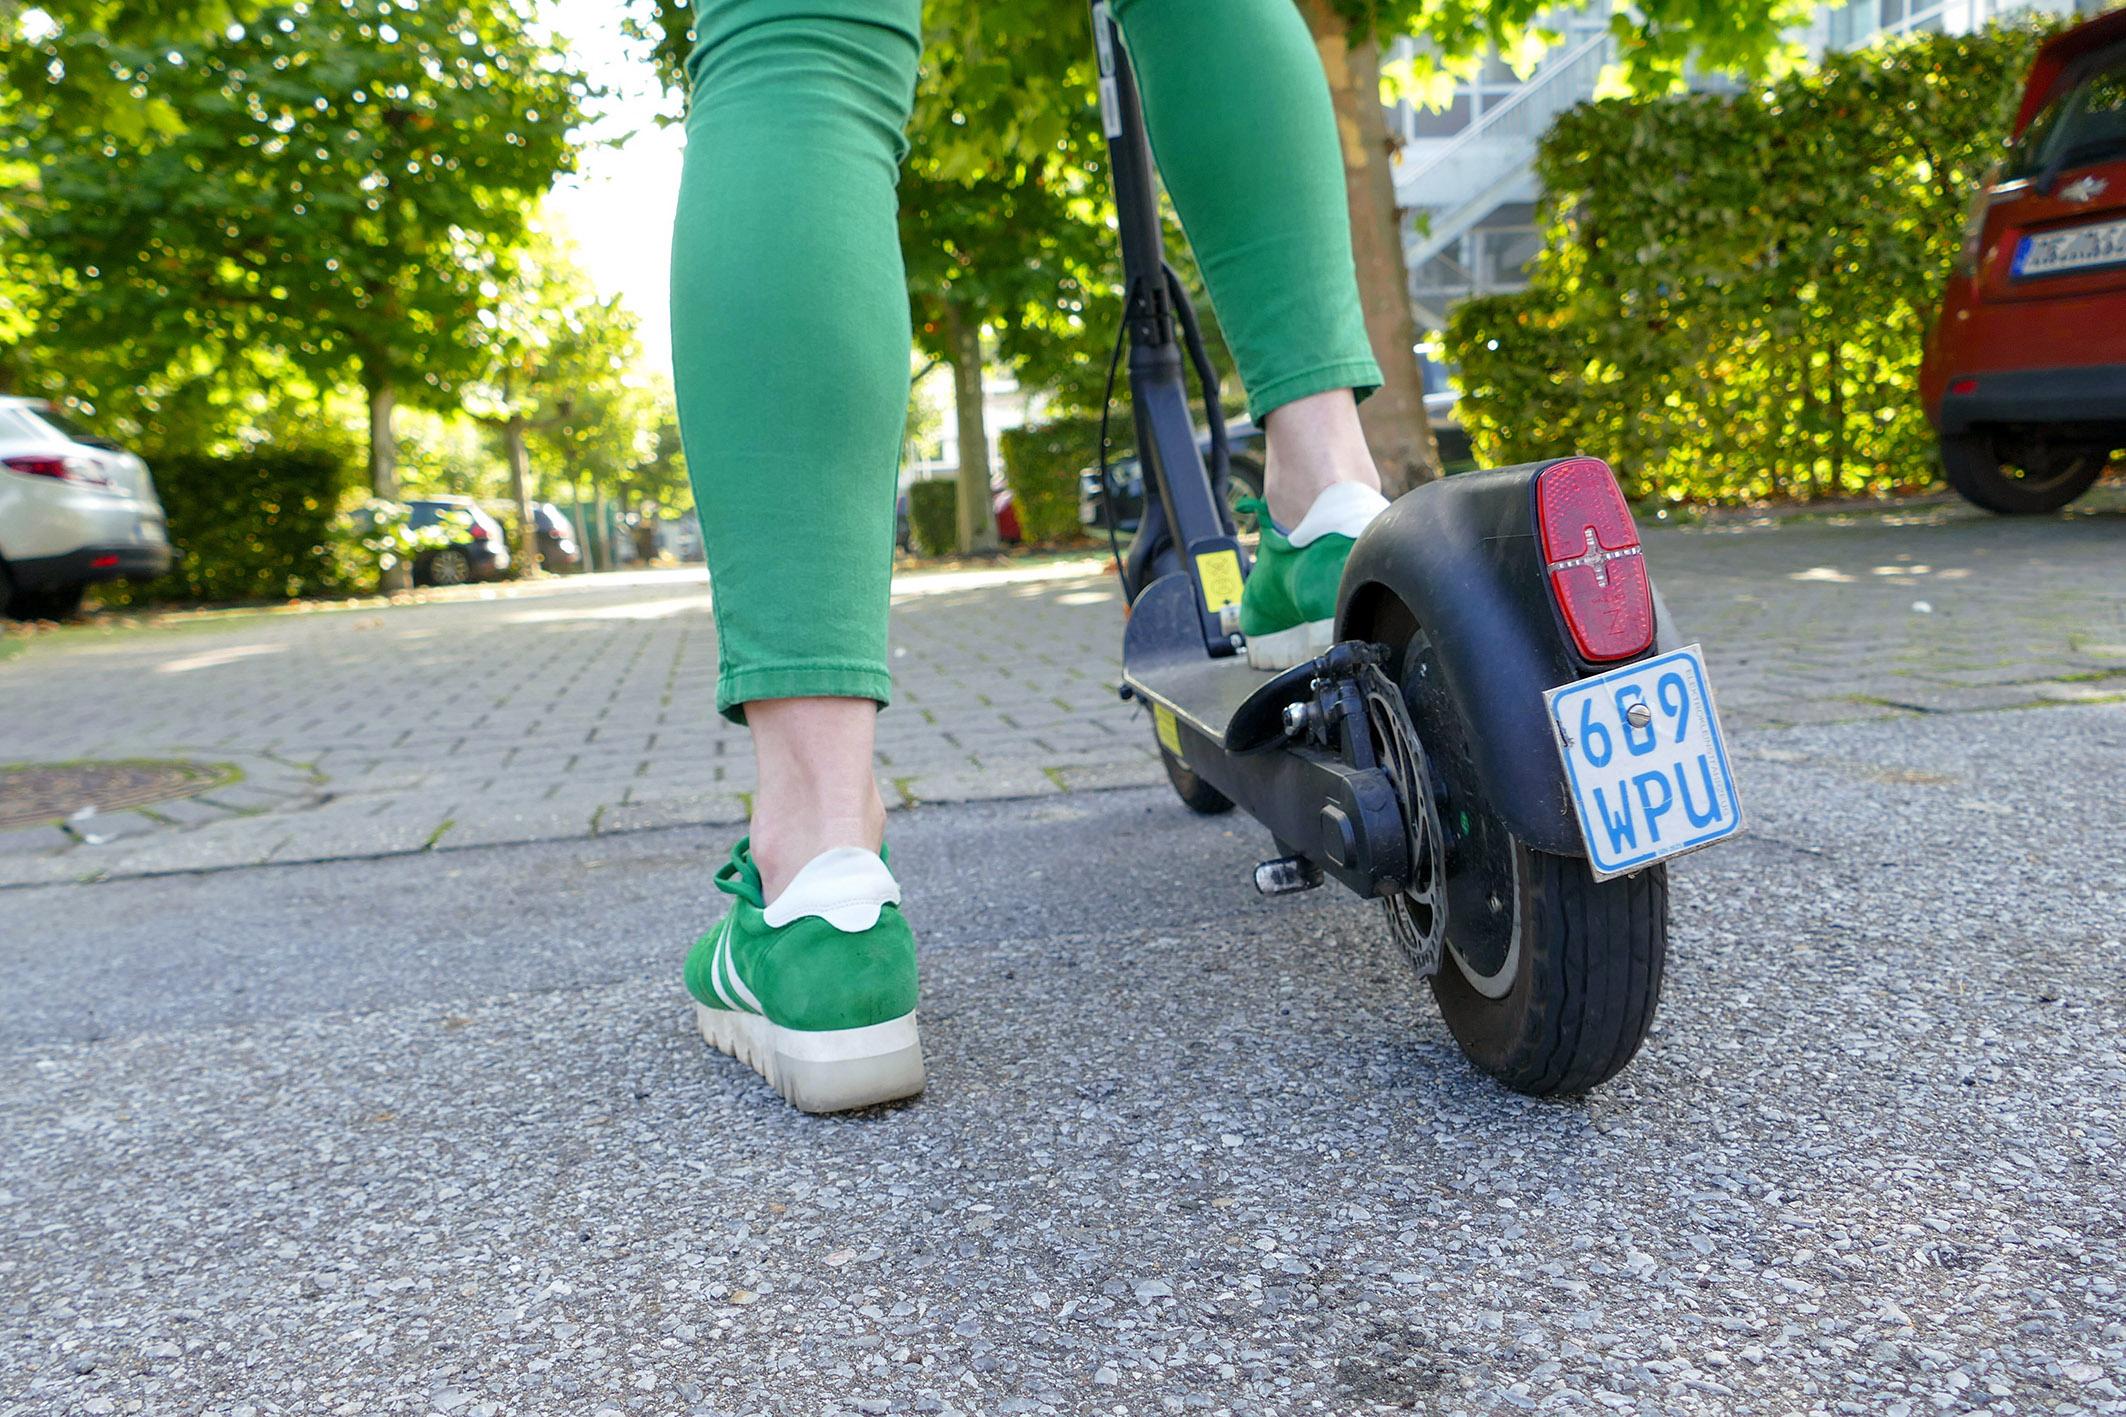 E-Scooter auf der Straße